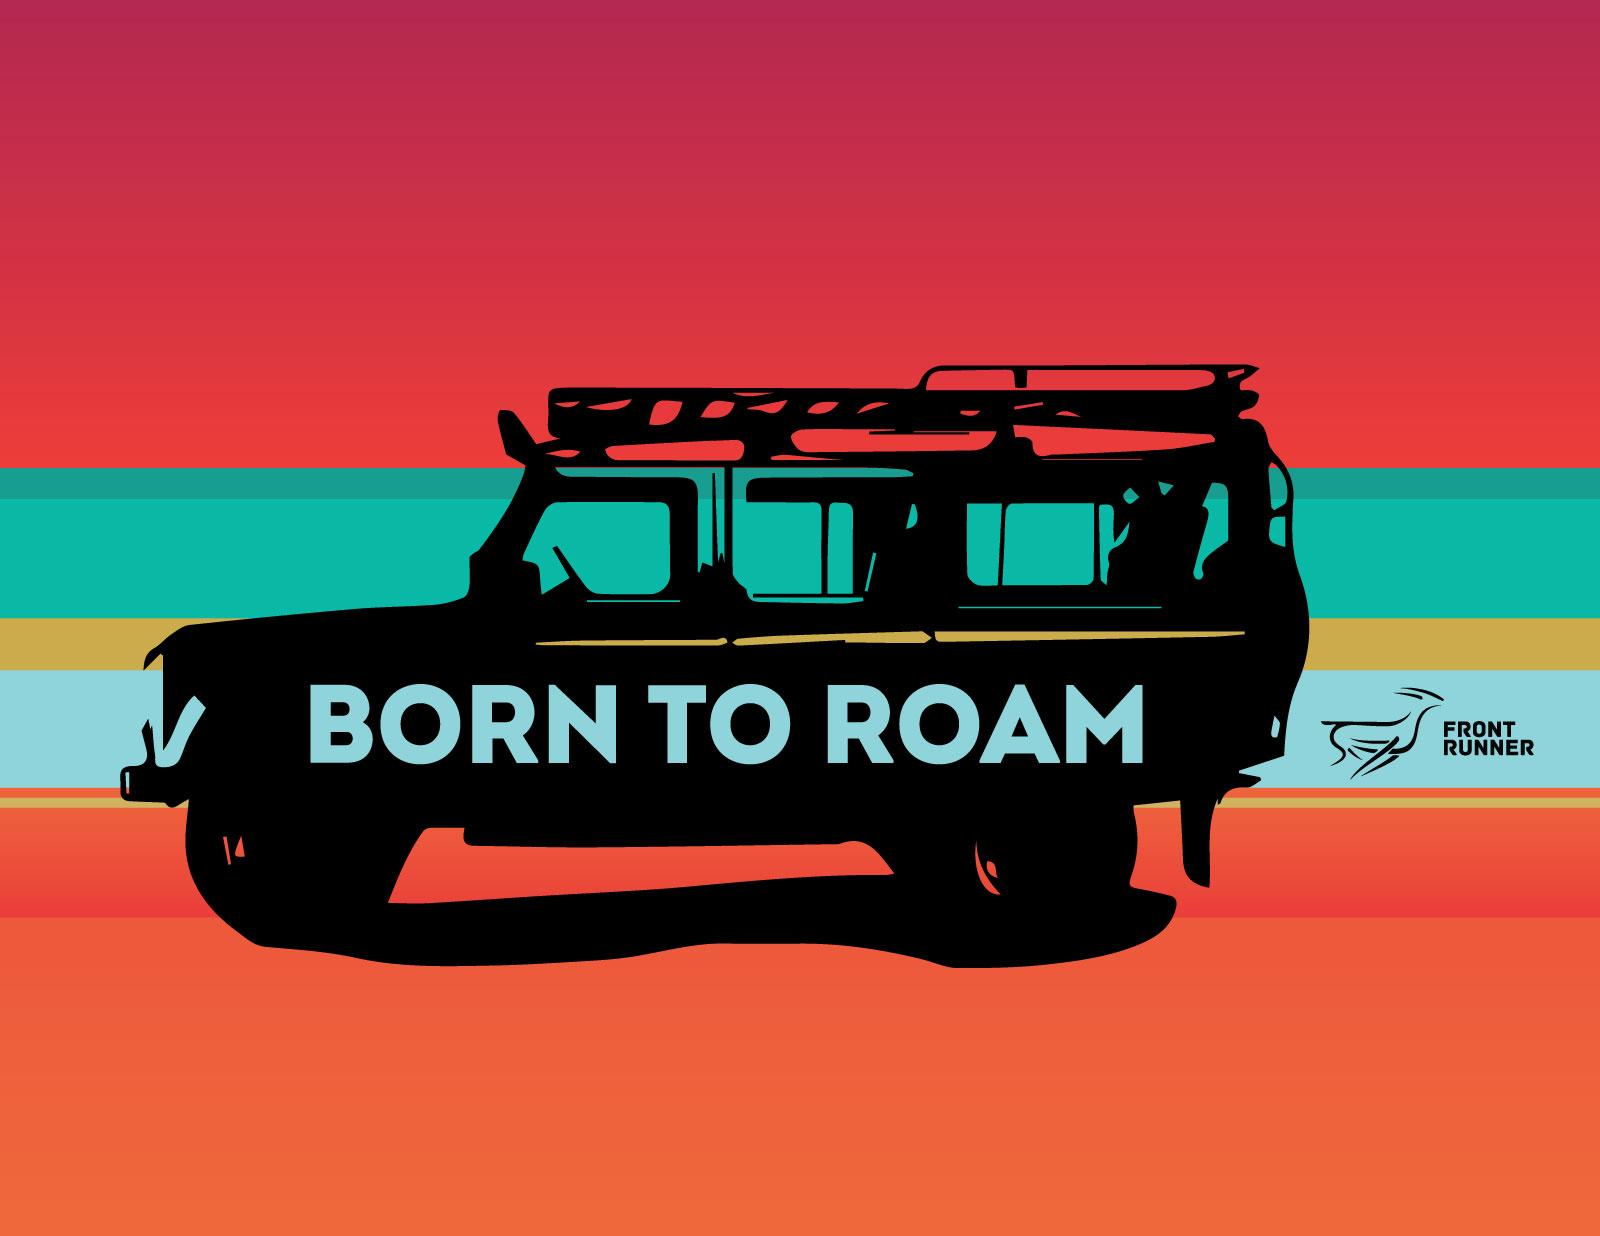 Front-Runner-RoamArt-Rover2.jpg